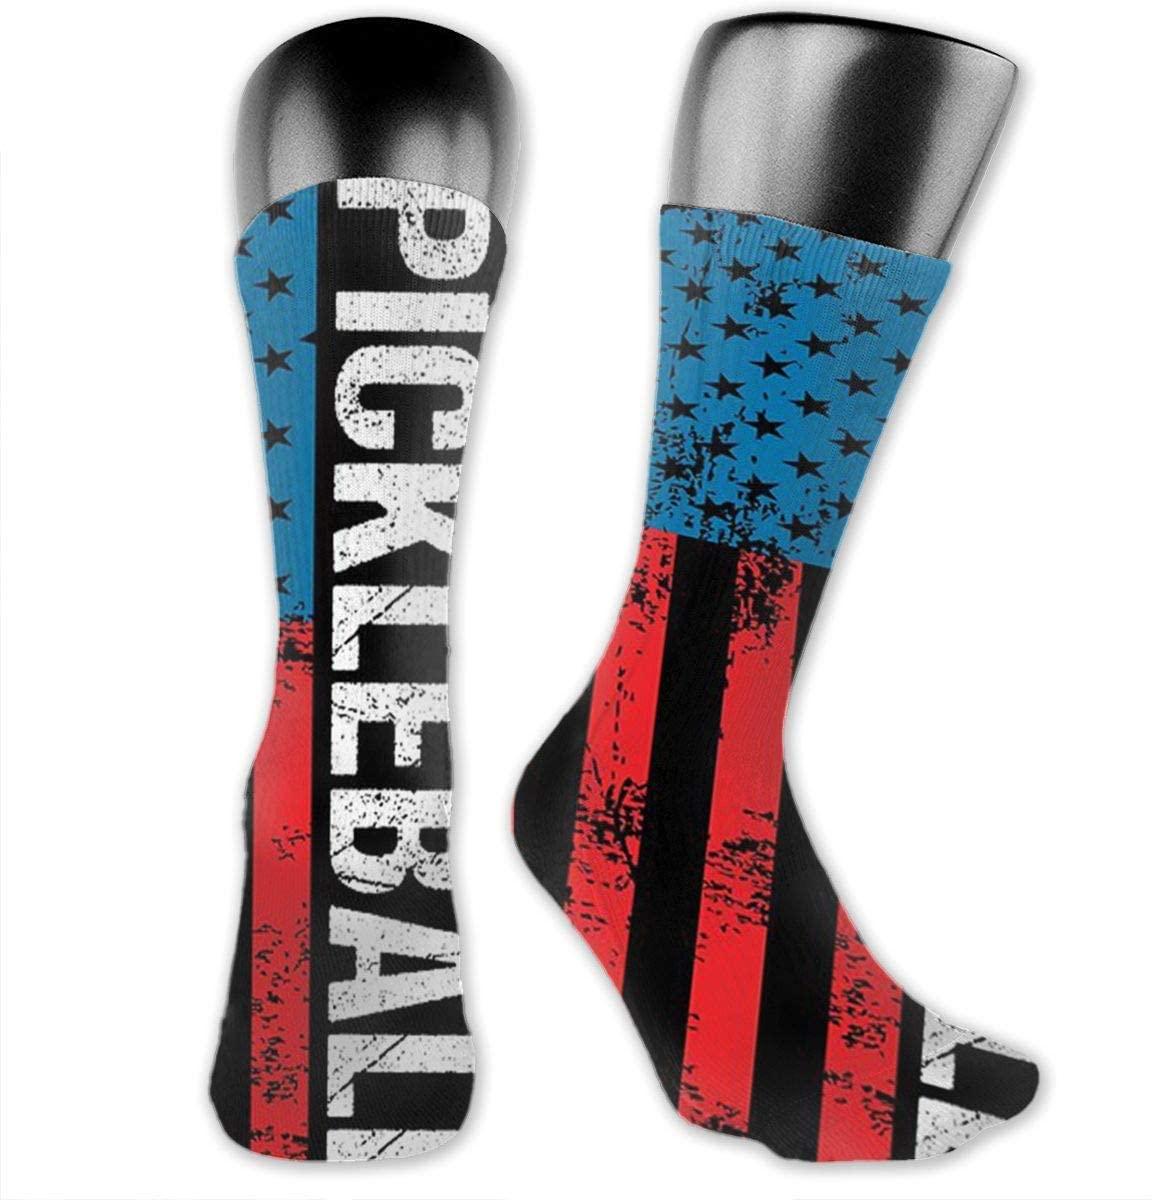 USA Flag Pickleball Unisex Outdoor Long Socks Sport Athletic Crew Socks Stockings